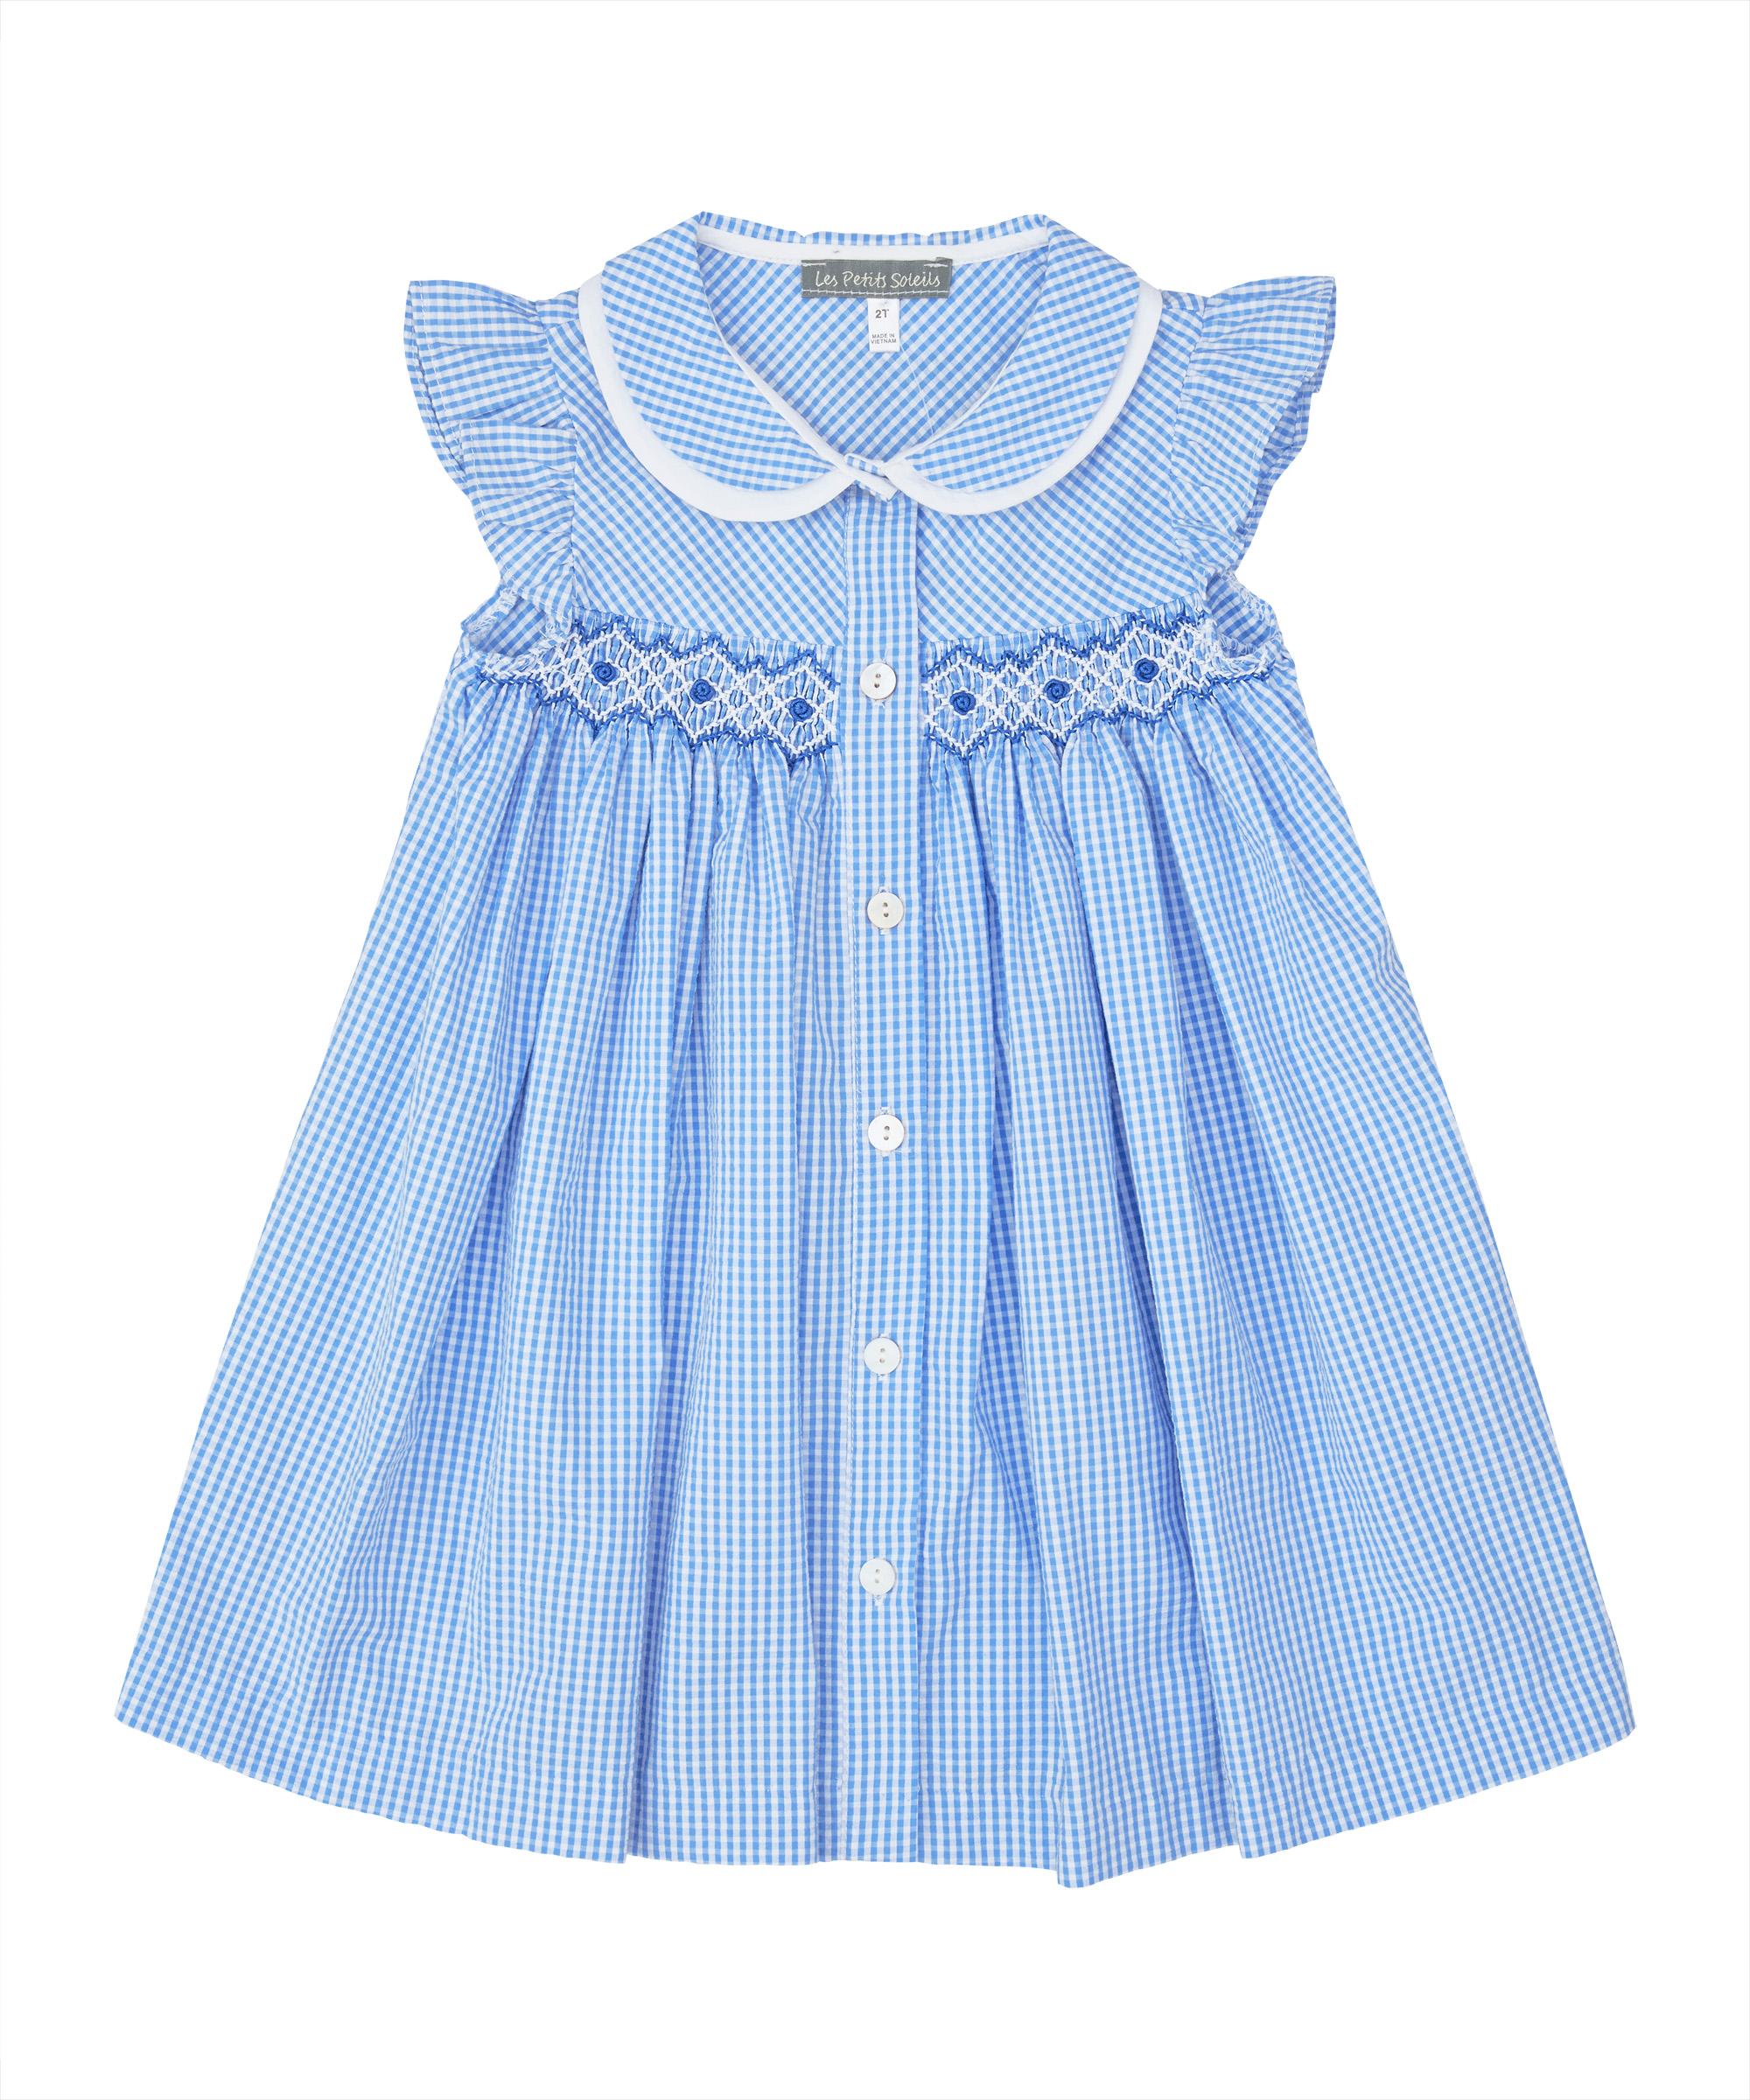 Blue & White Gingham Smocked Peter Pan Collar Dress